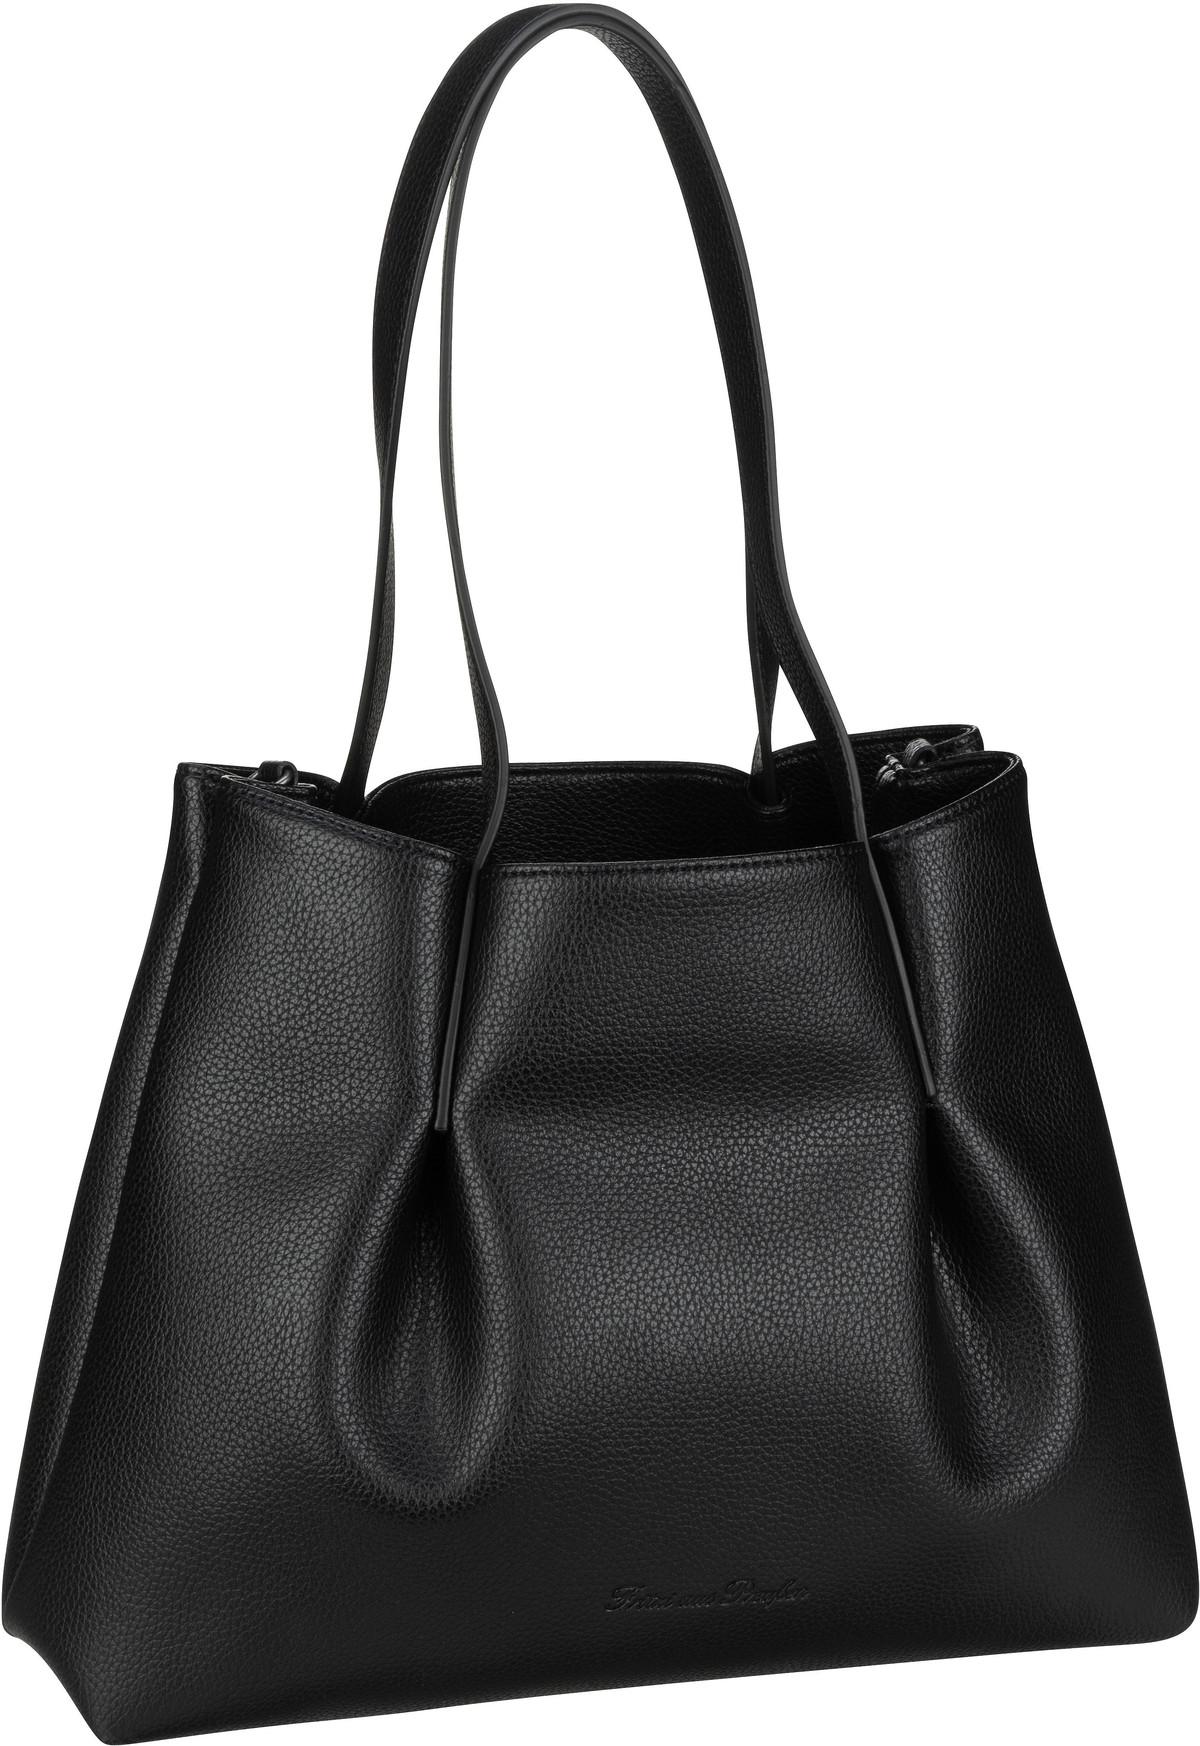 Handtasche Gia Summerset Black